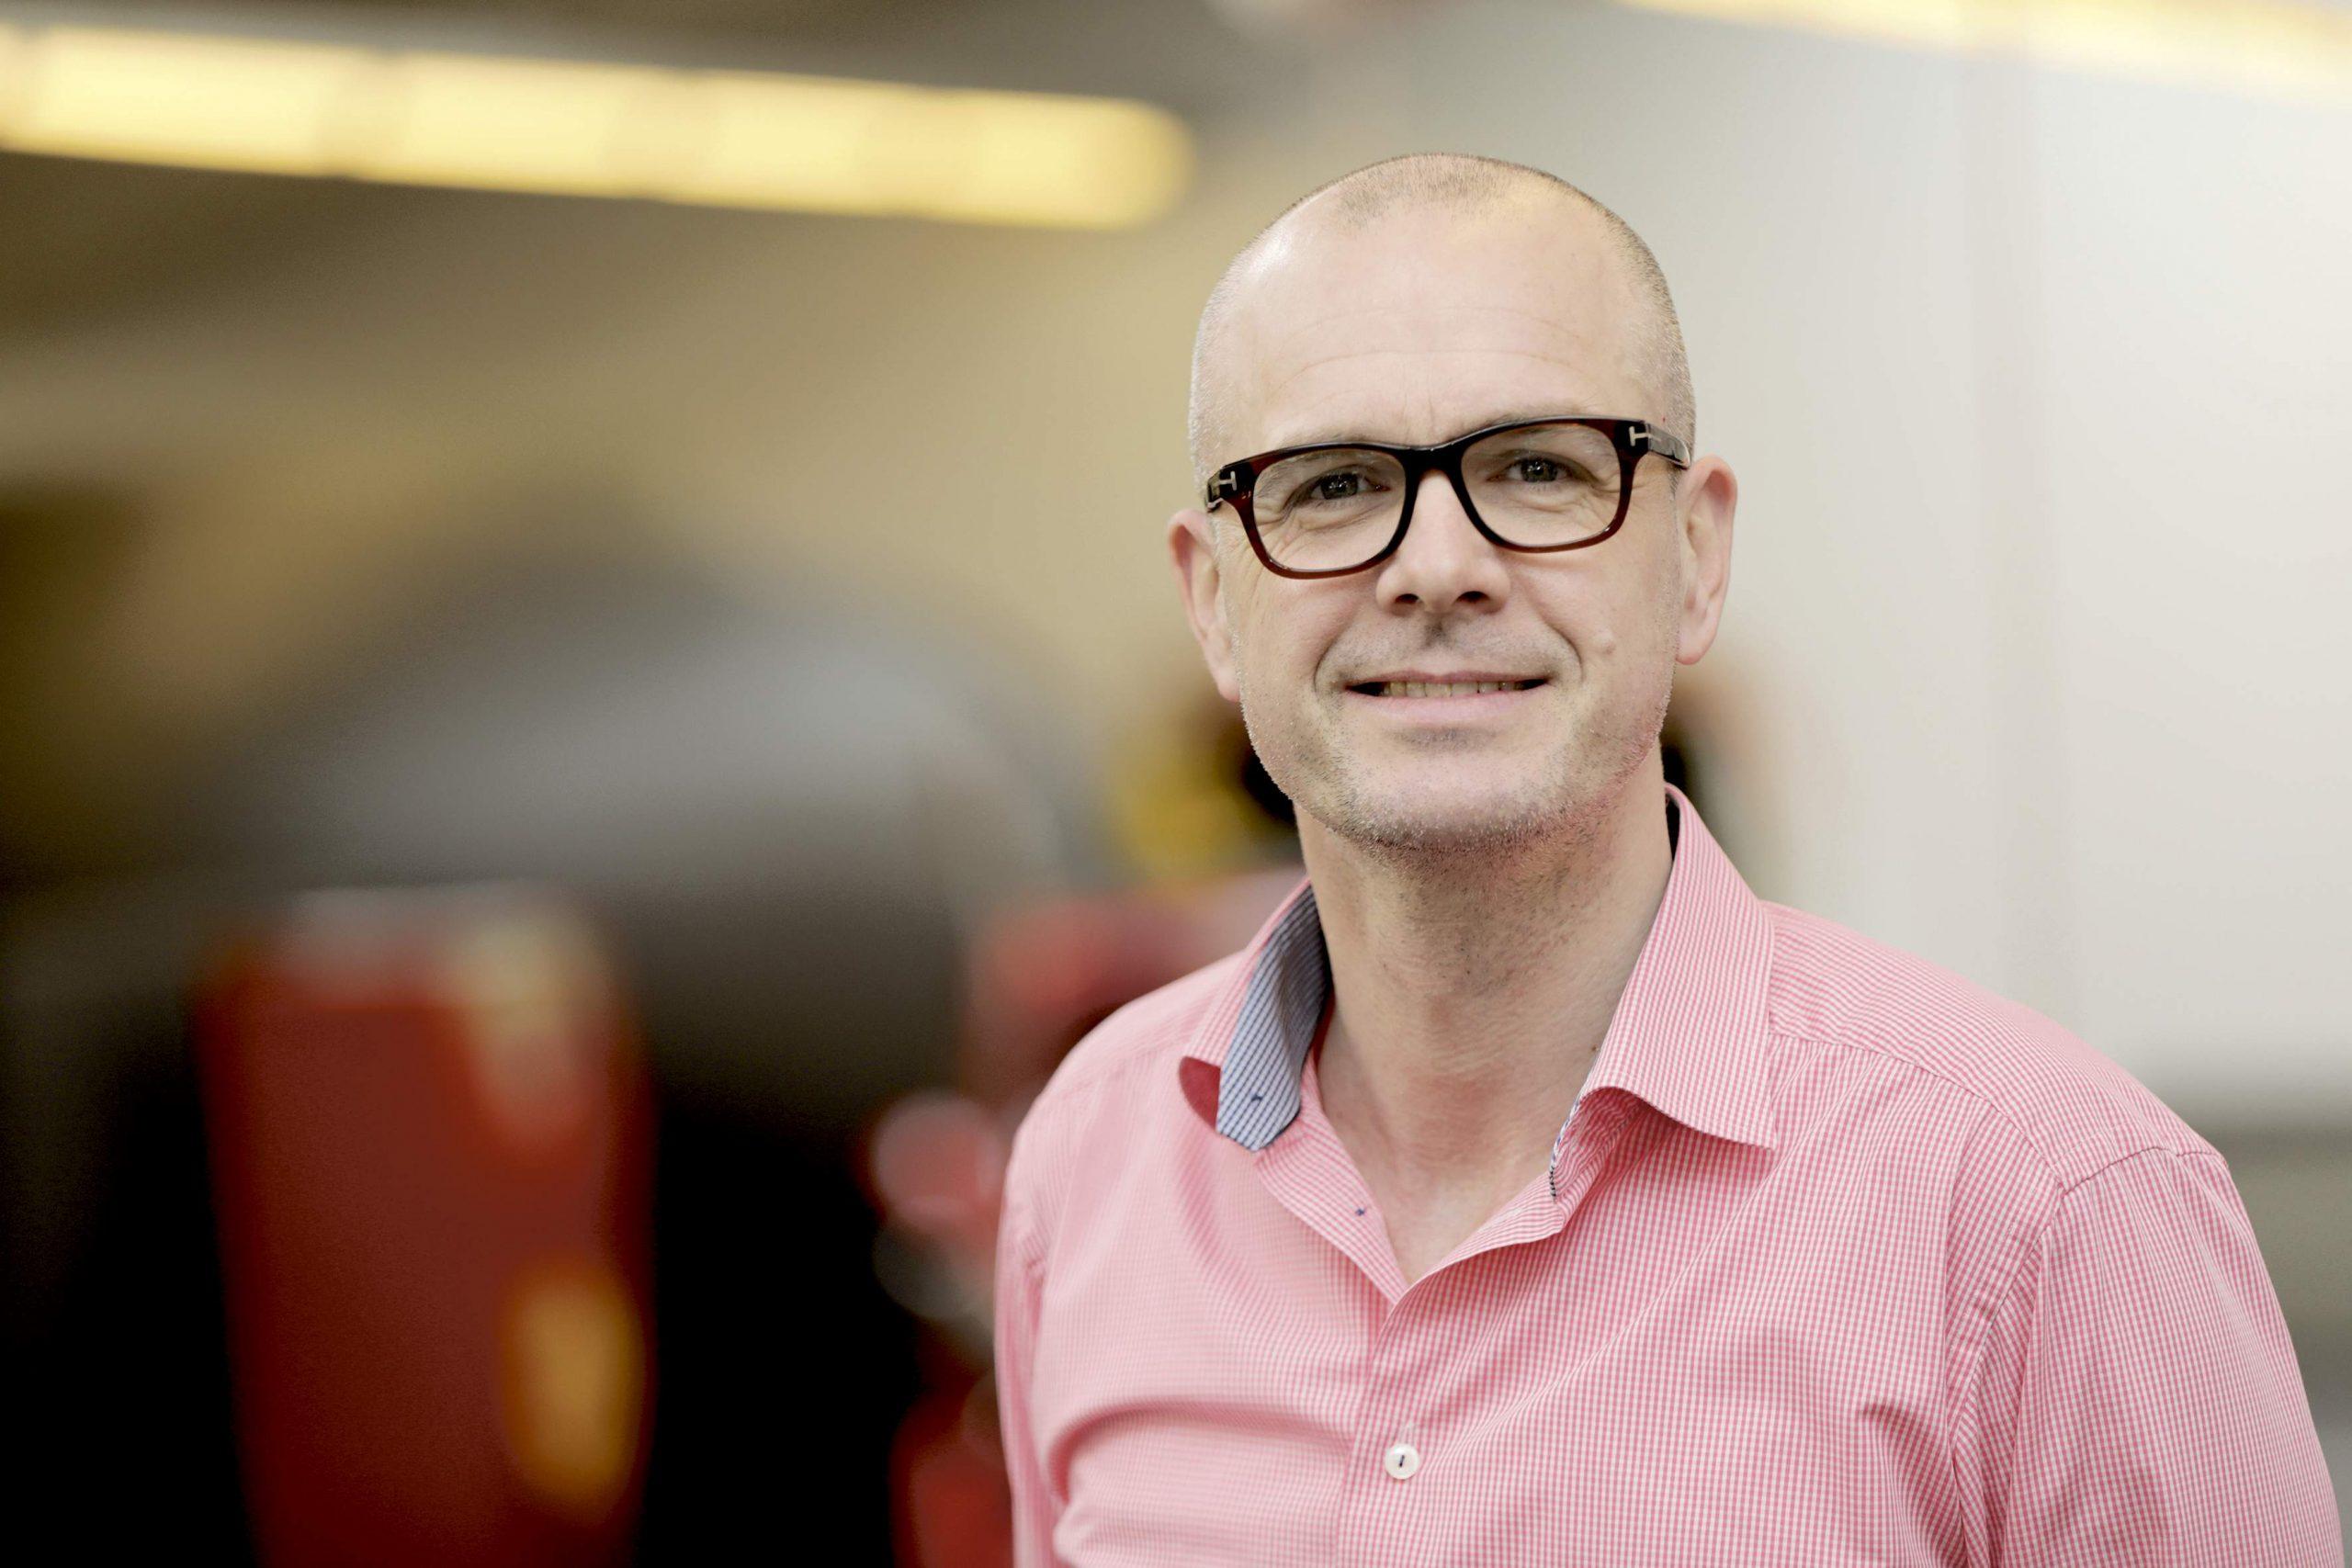 Har 95 butikker: Aalborg-virksomheden JCD lander kæmpe aftale med stor kæde